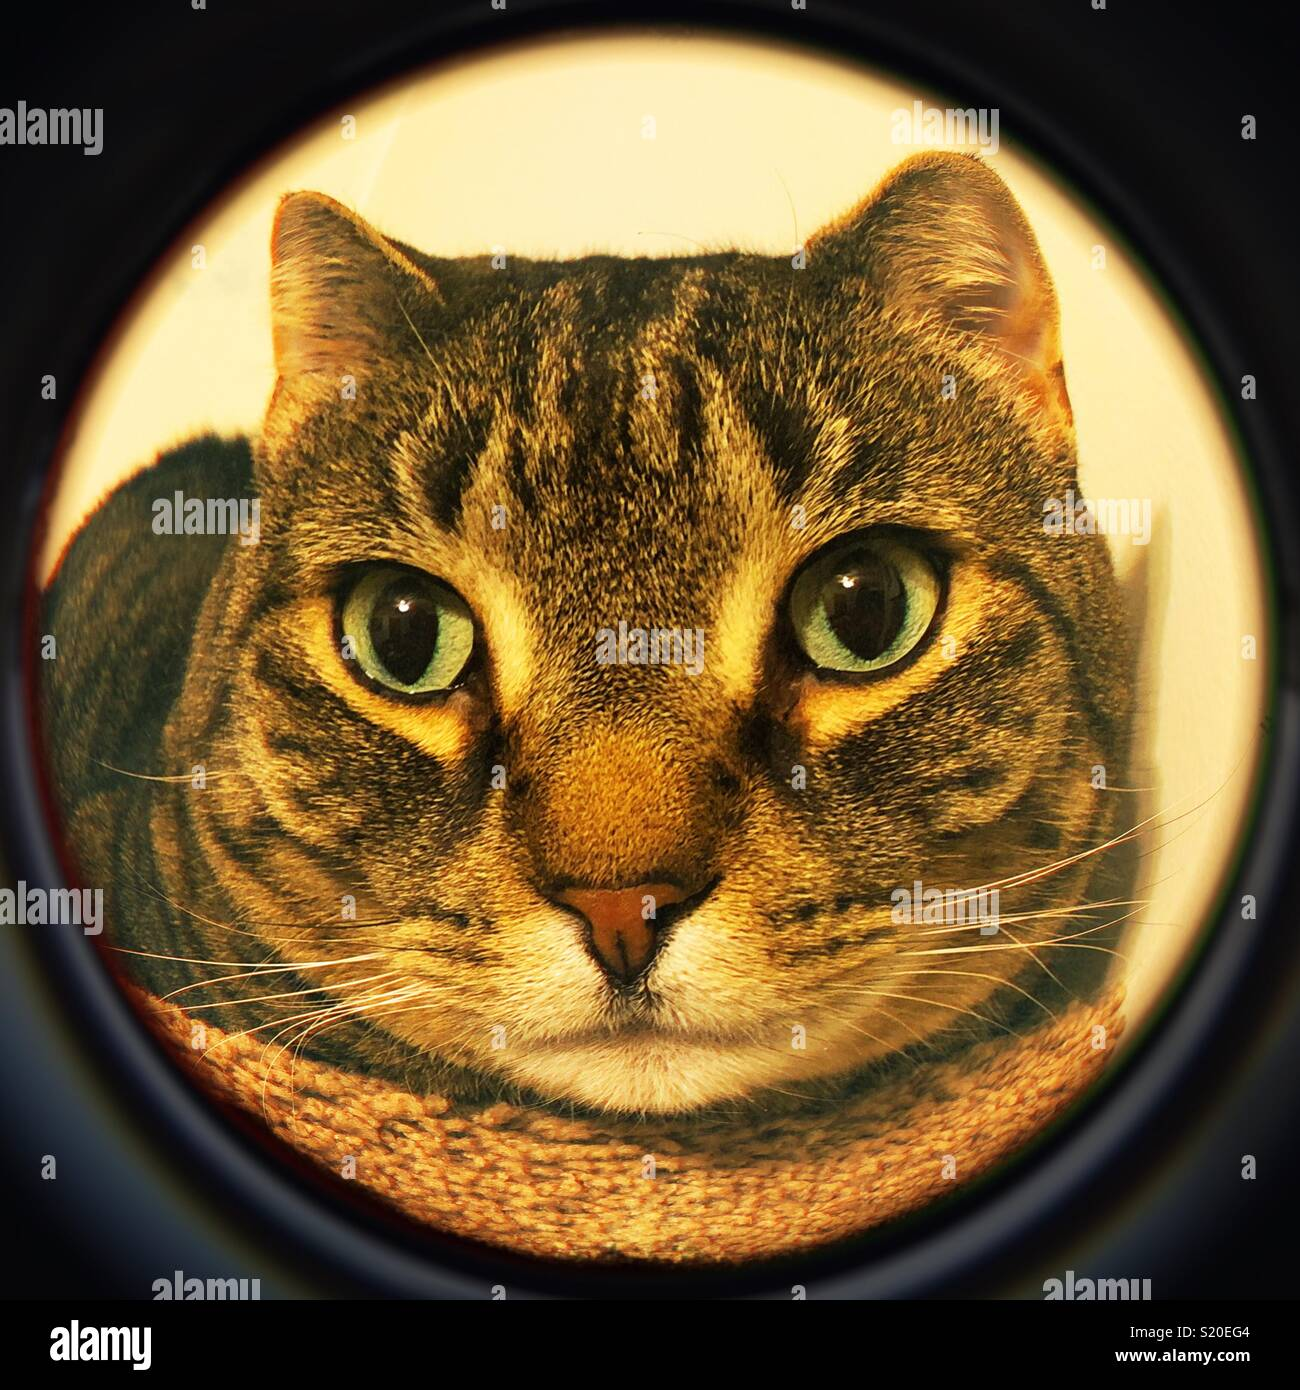 71357fdf2a Orejas cortas gato atigrado lente ojo de pez Foto & Imagen De Stock ...